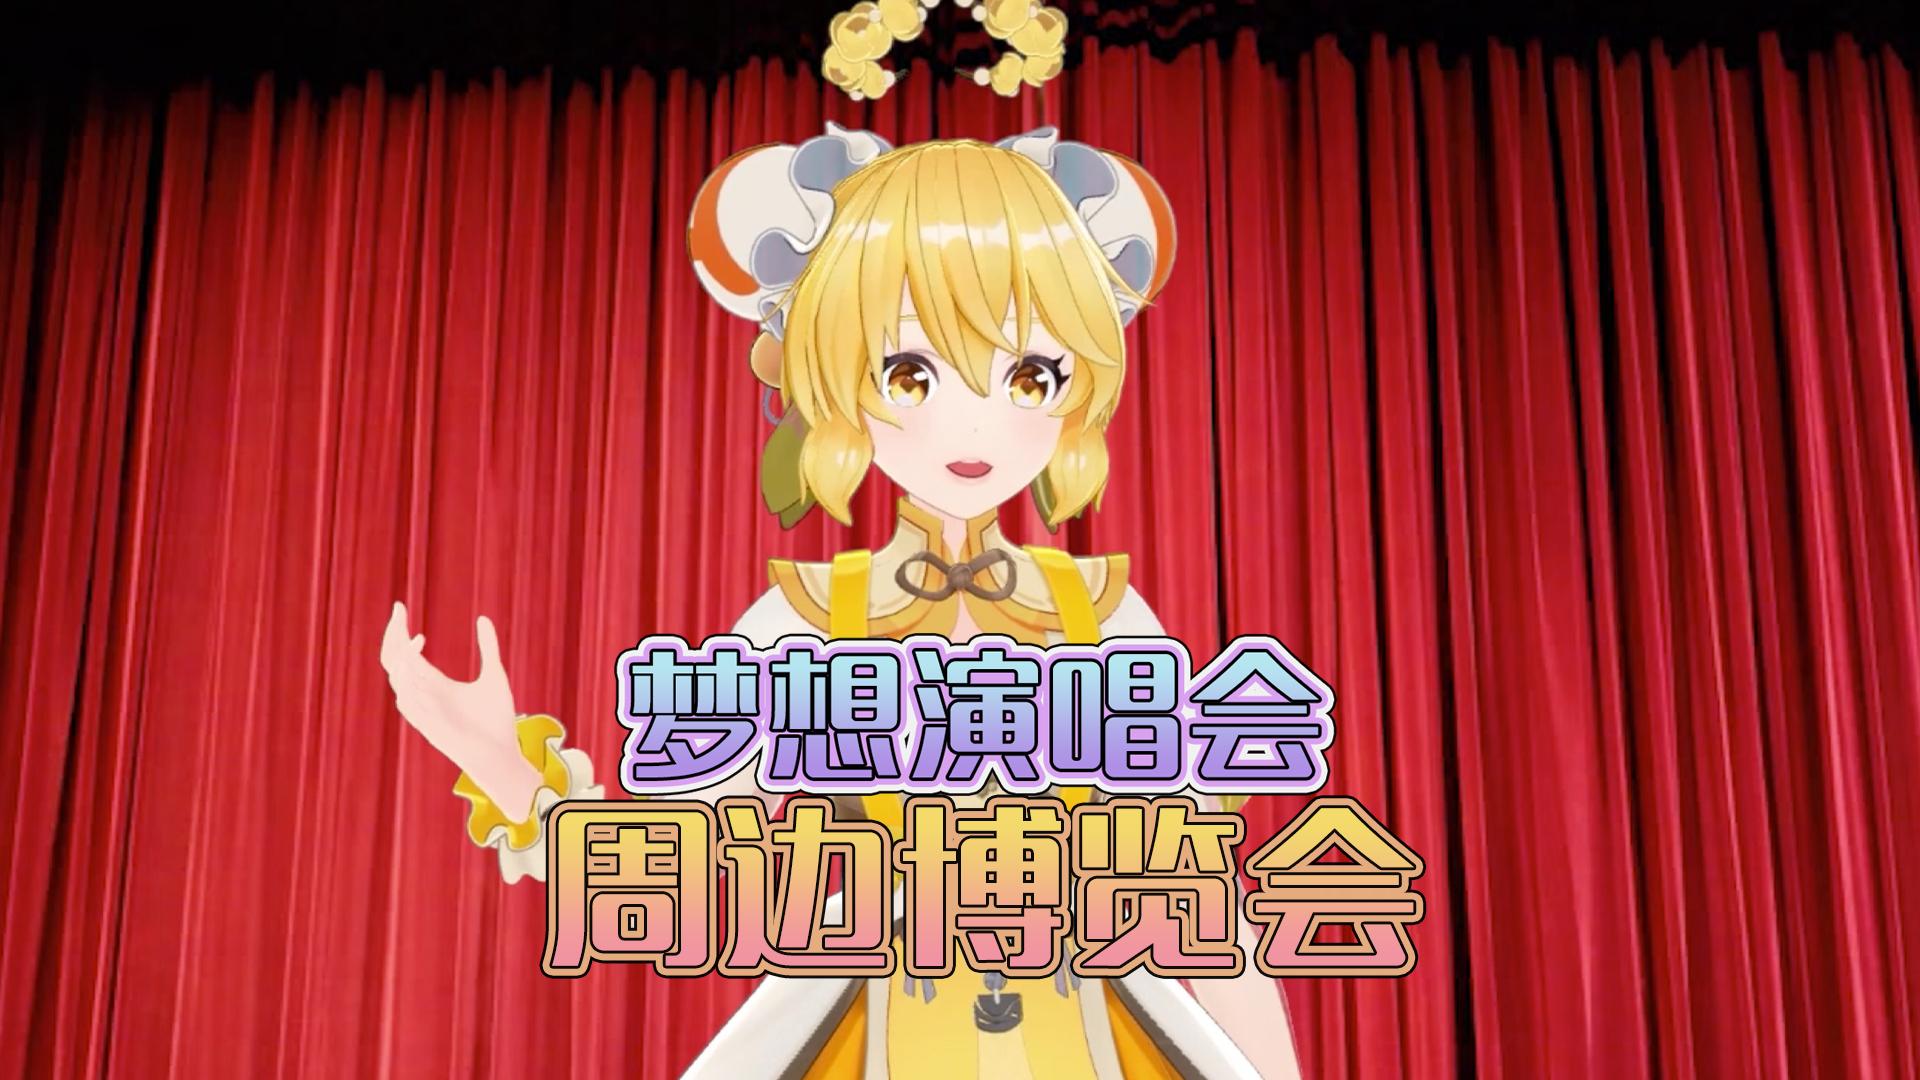 【首届AC梦想演唱会】周边博览会盛大开启 速速get vup专属应援色!